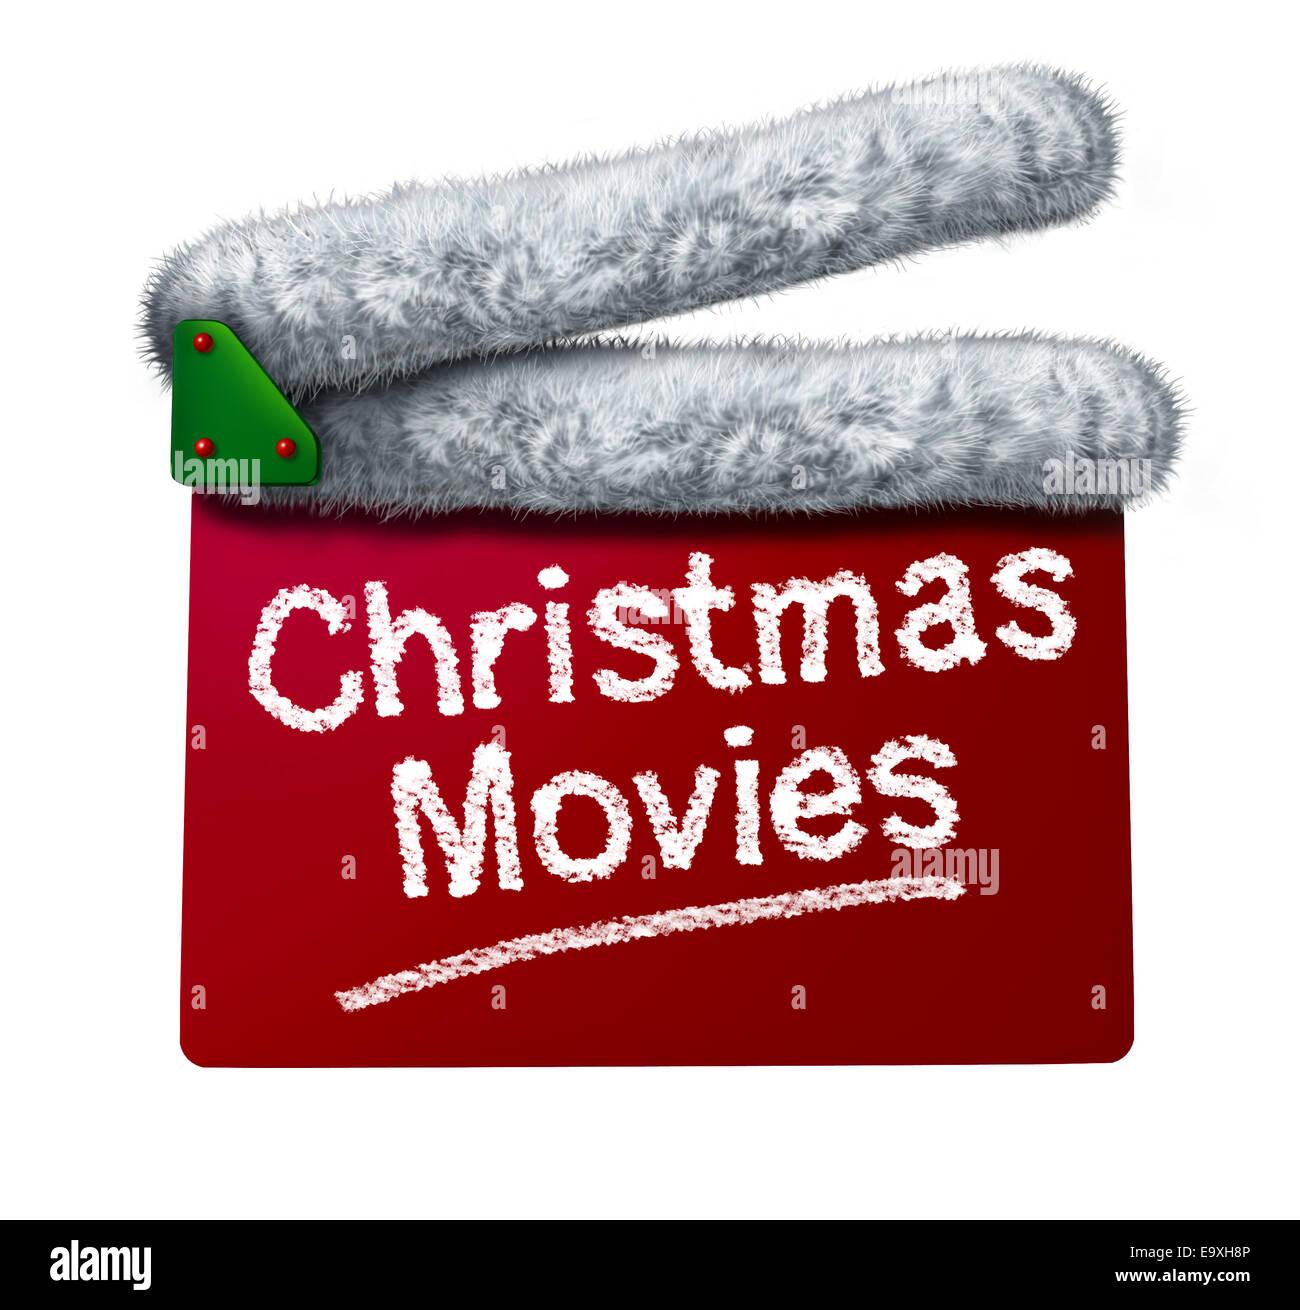 Weihnachts-Filme und Urlaub klassische Kino und TV flicks mit einem roten Klappe und ein Weihnachtsmann Hut weißen Stockbild